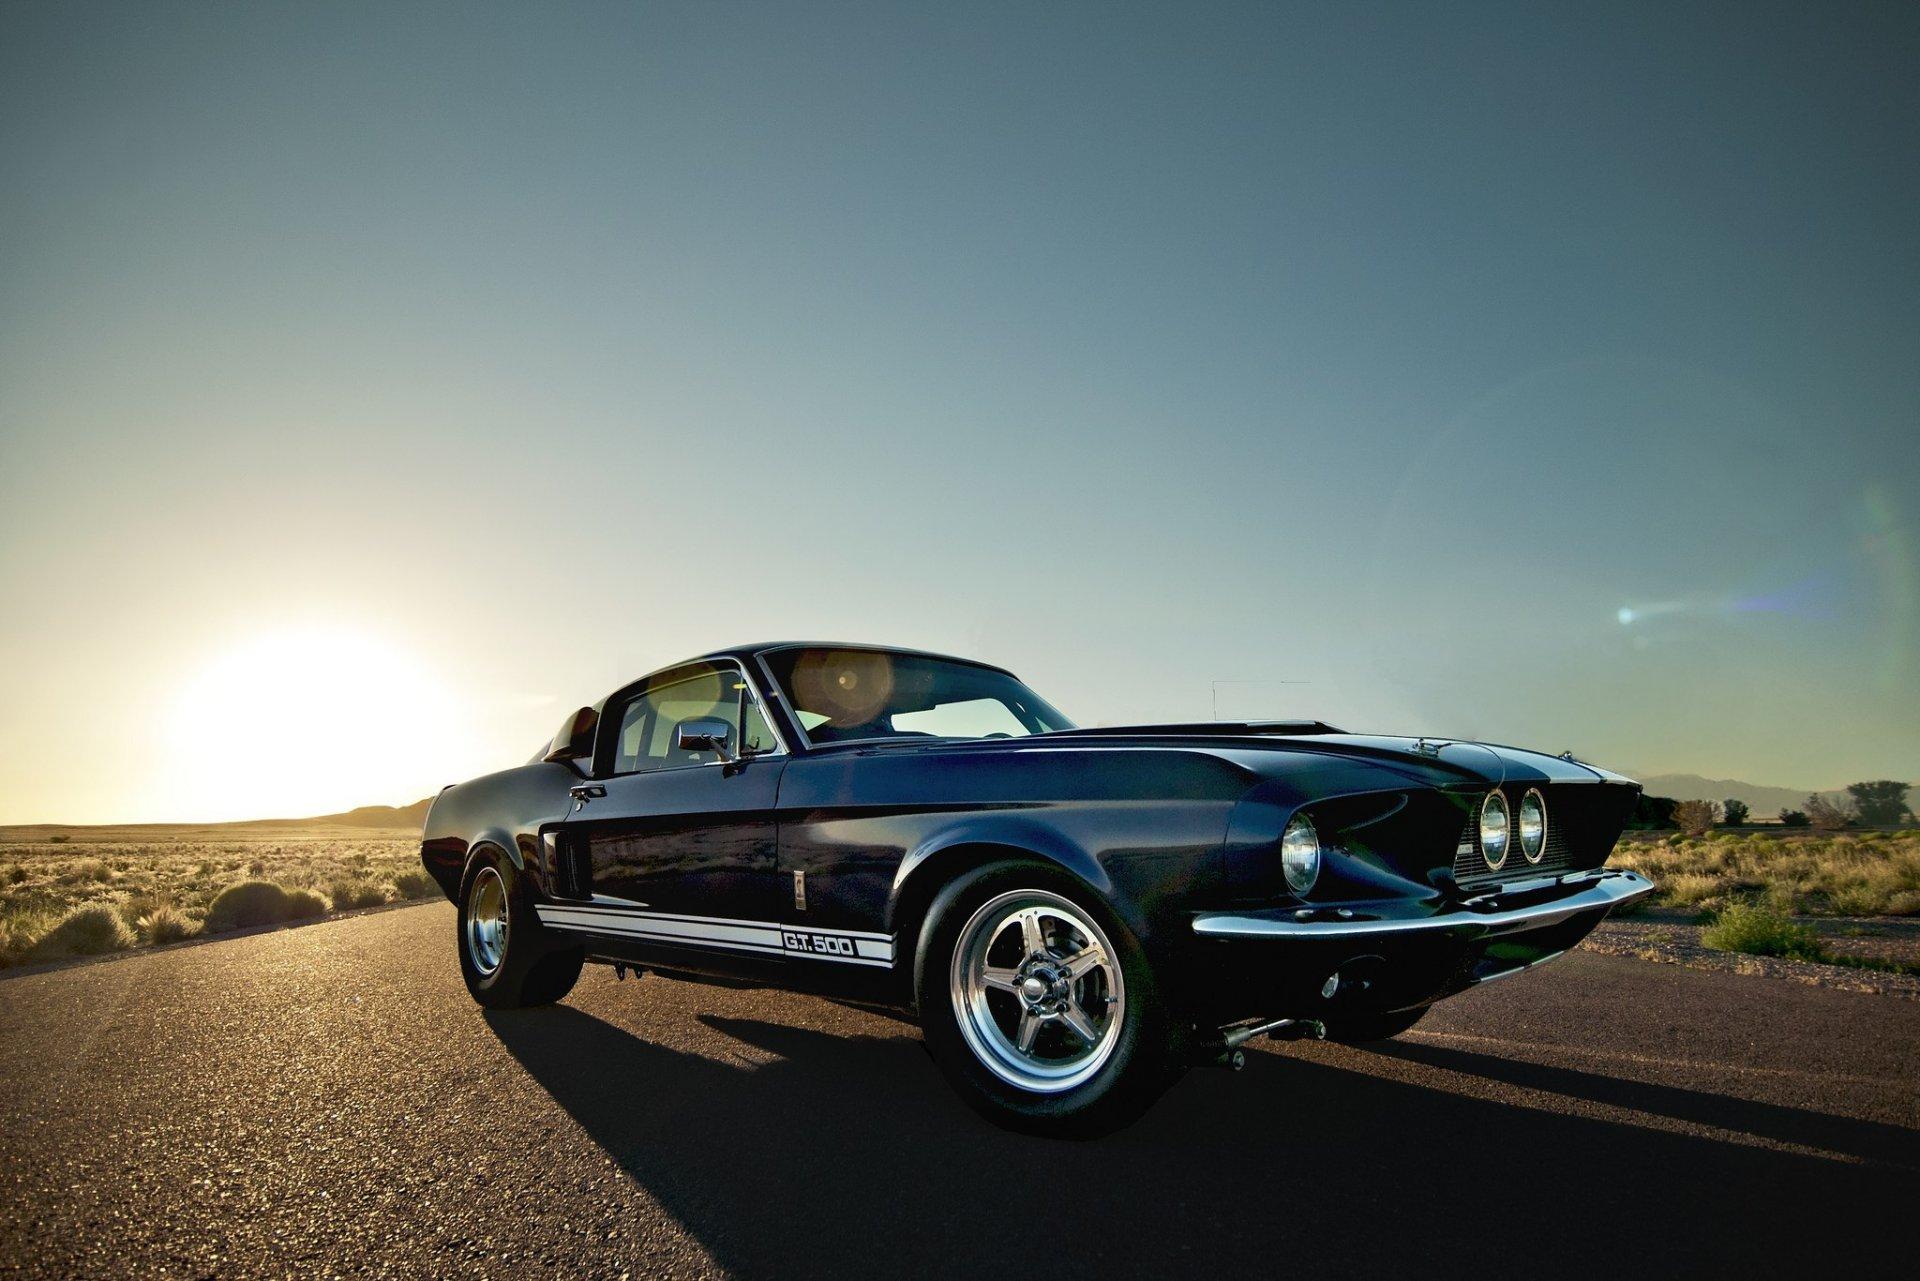 спортивный автомобиль Mustang Shelby GT500  № 2422110 загрузить